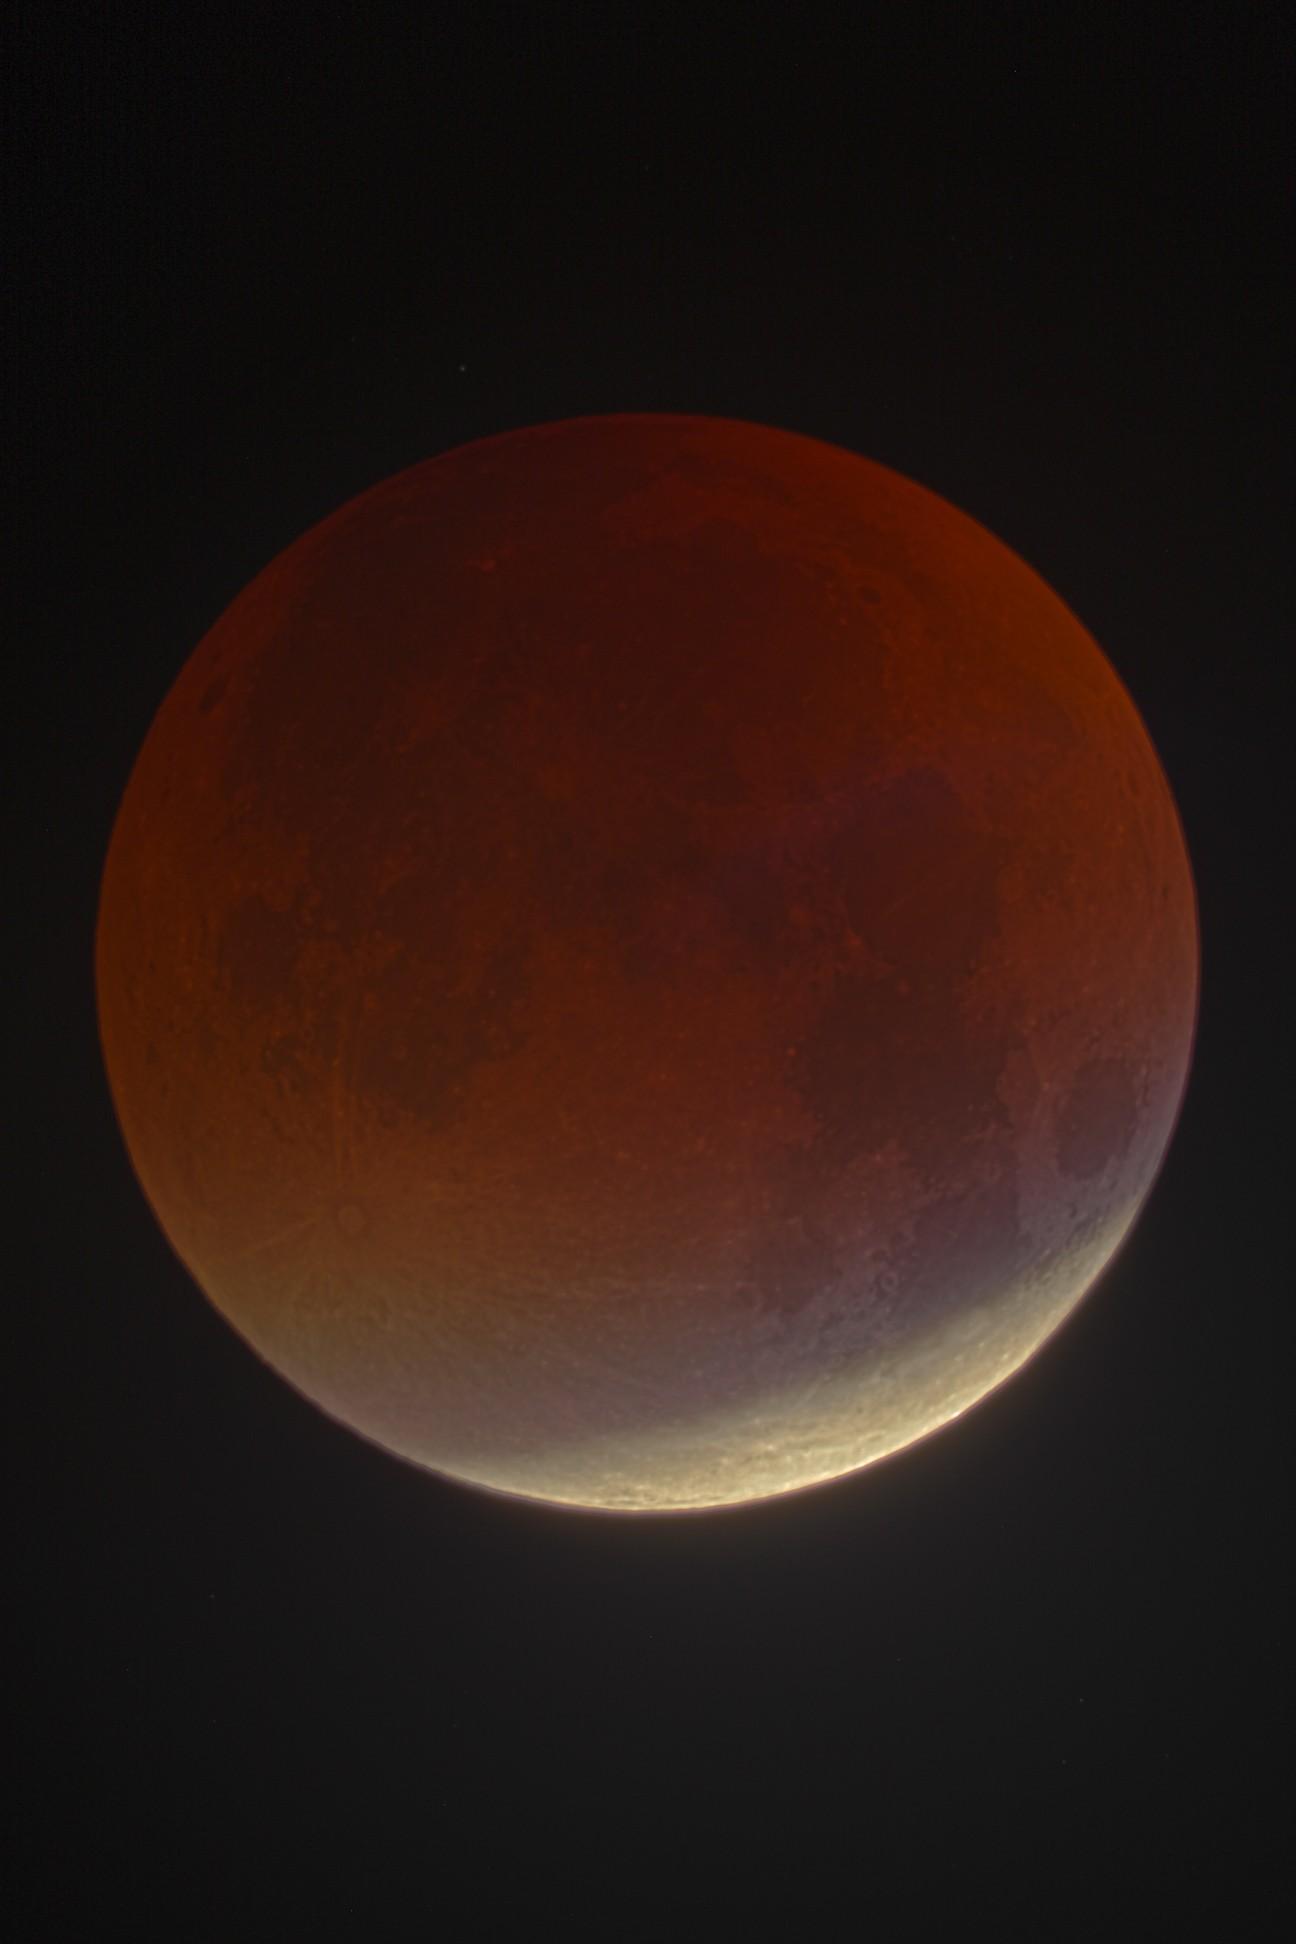 Eclipse de Lune du 28 septembre 2015 - Page 2 Essai-10